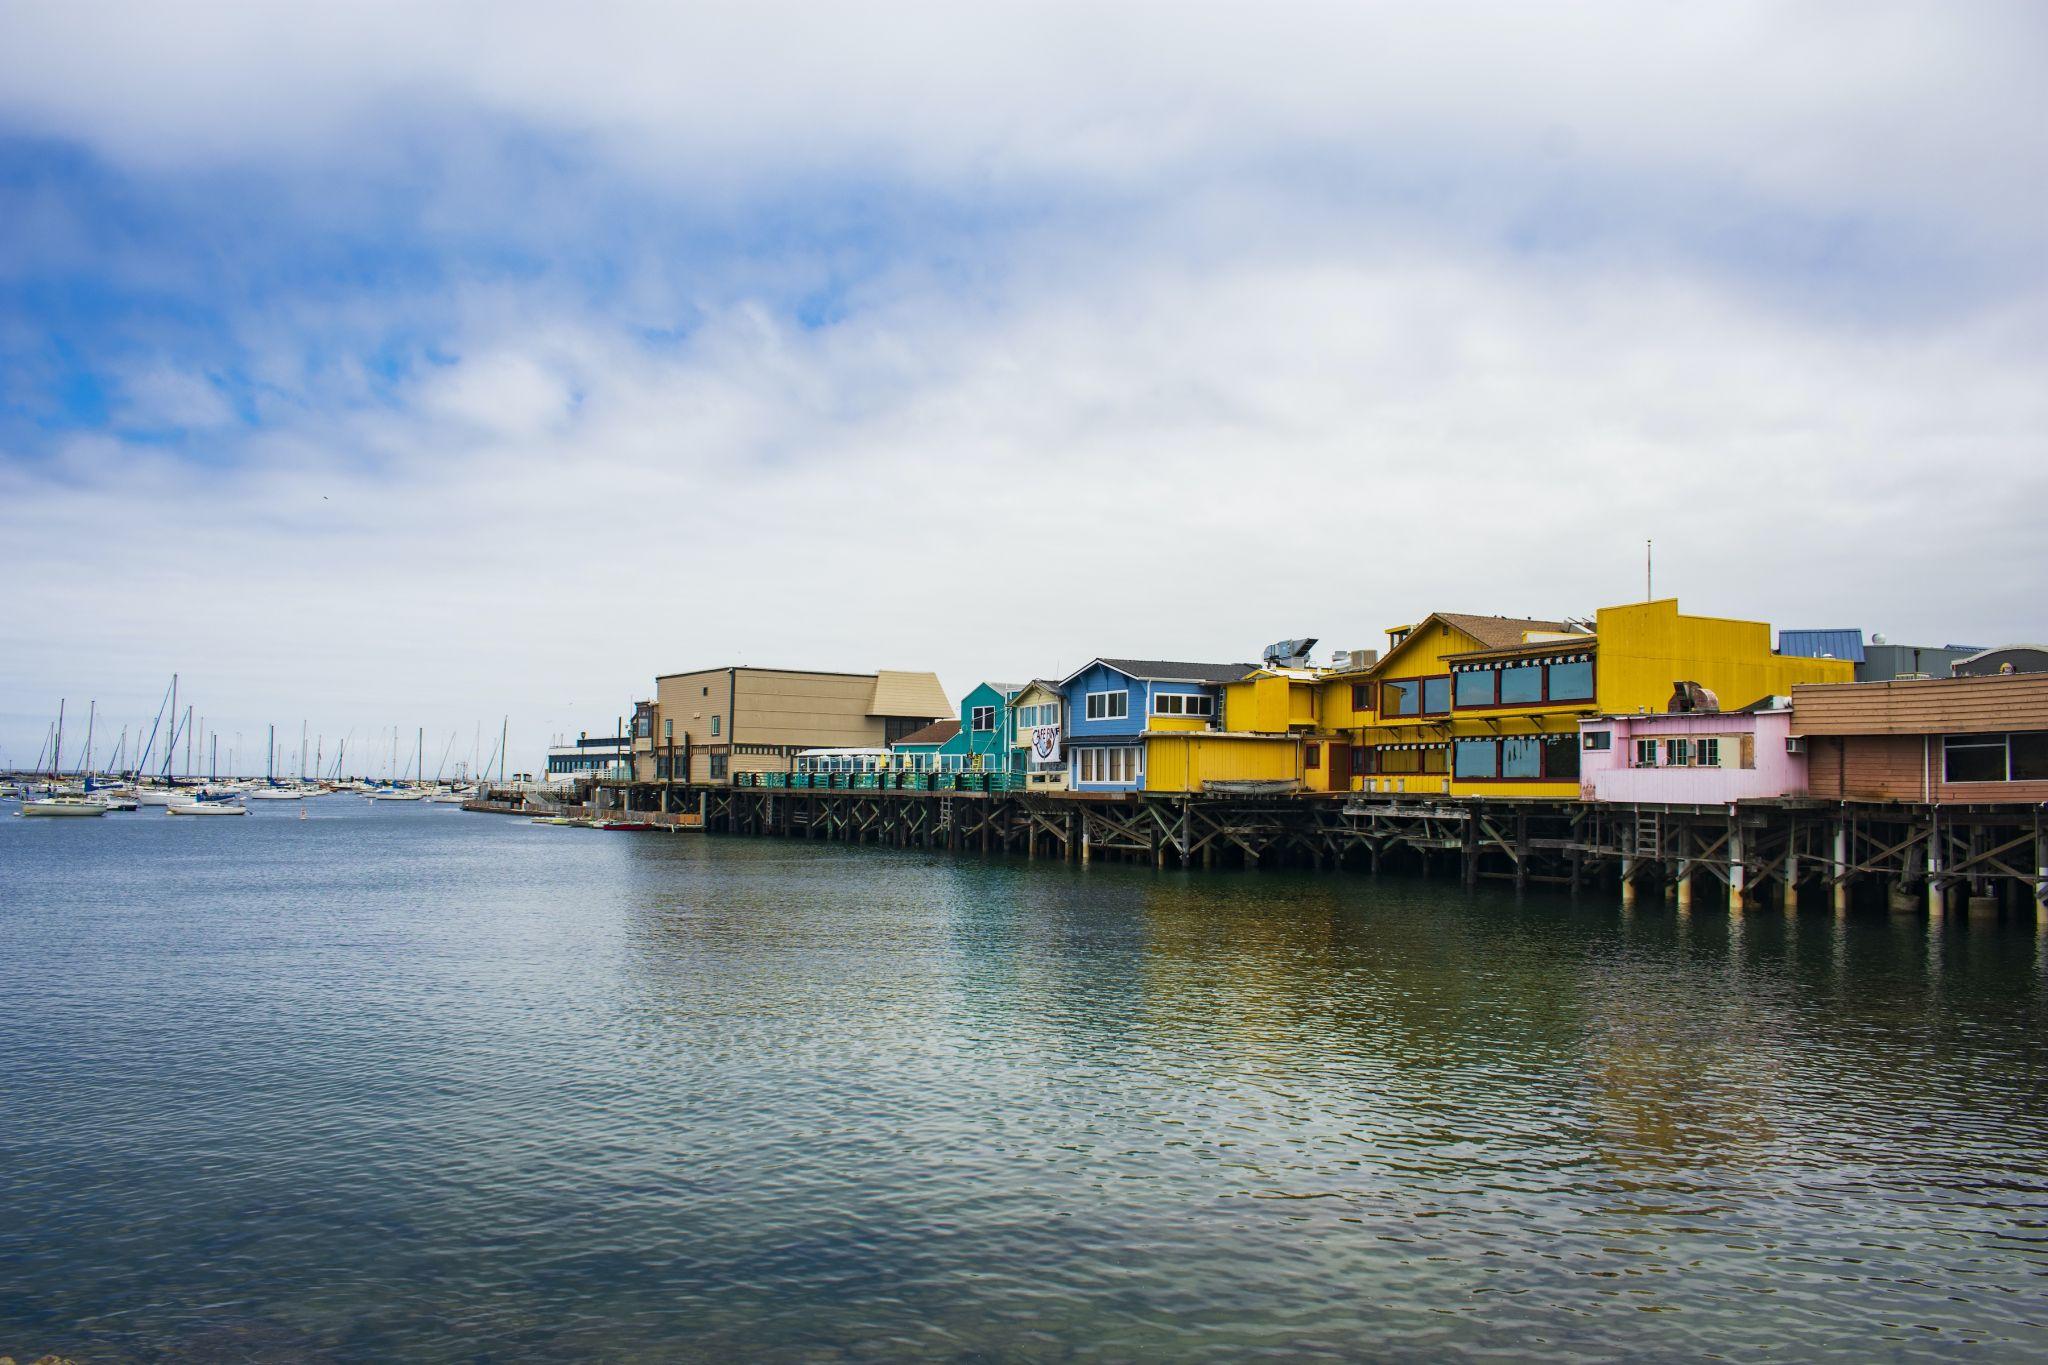 Fisherman's Wharf, USA